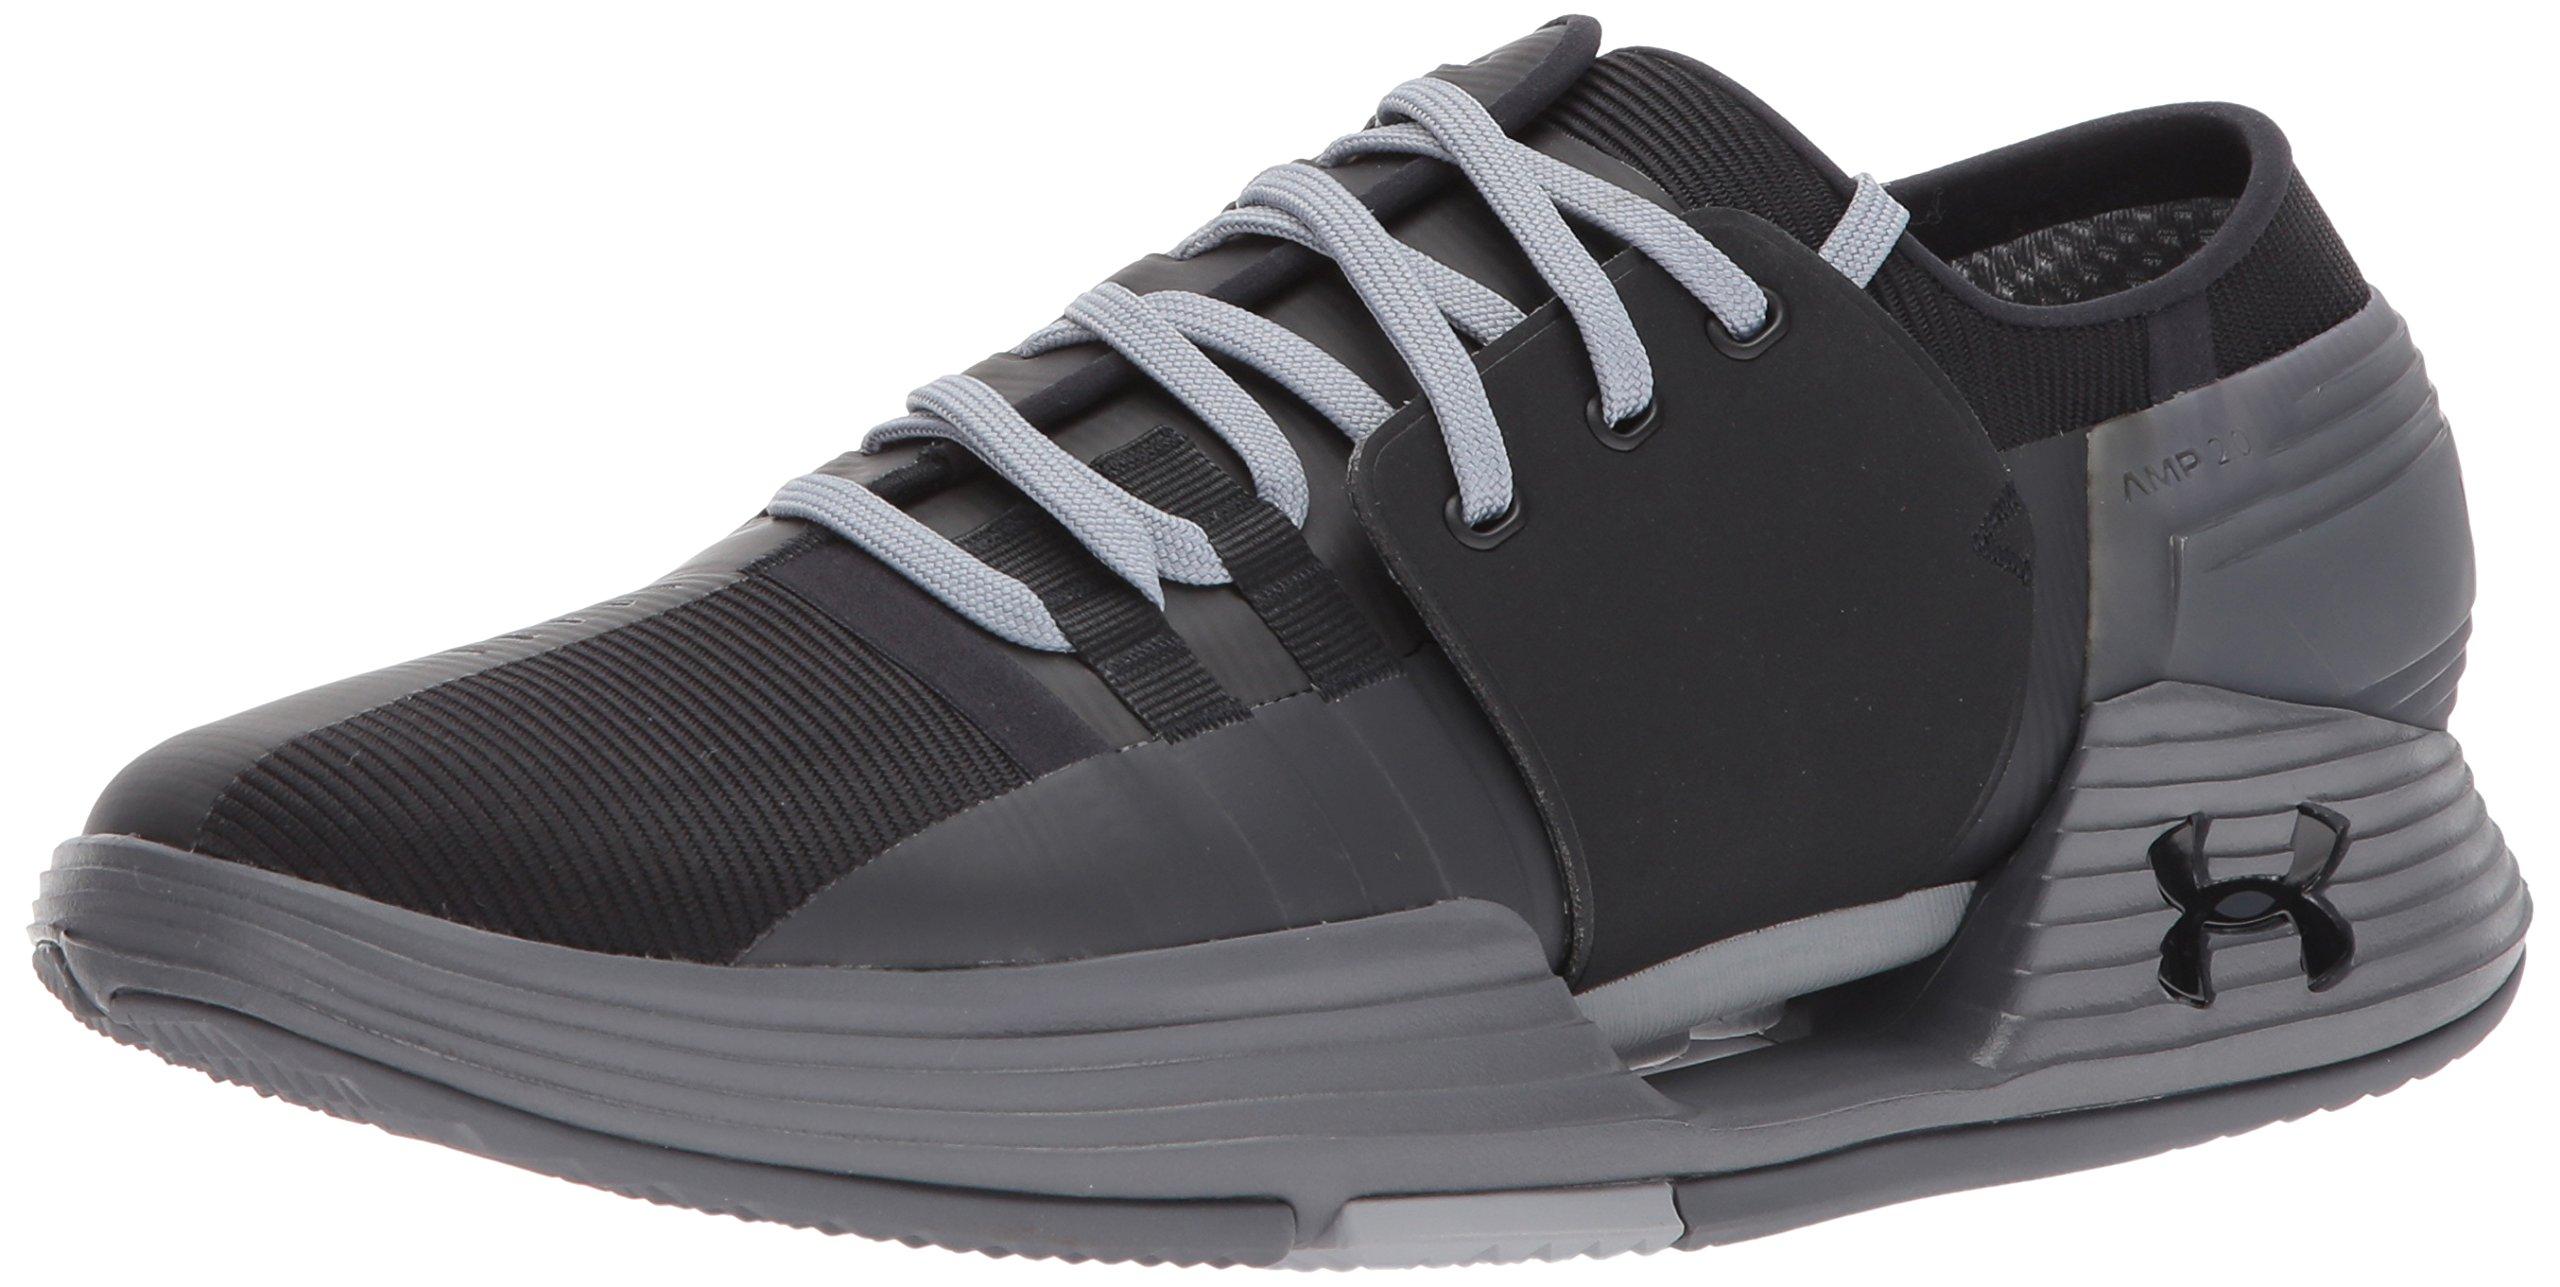 Under Armour Men's Speedform Amp 2.0 Sneaker, Black (003)/Graphite, 10.5 by Under Armour